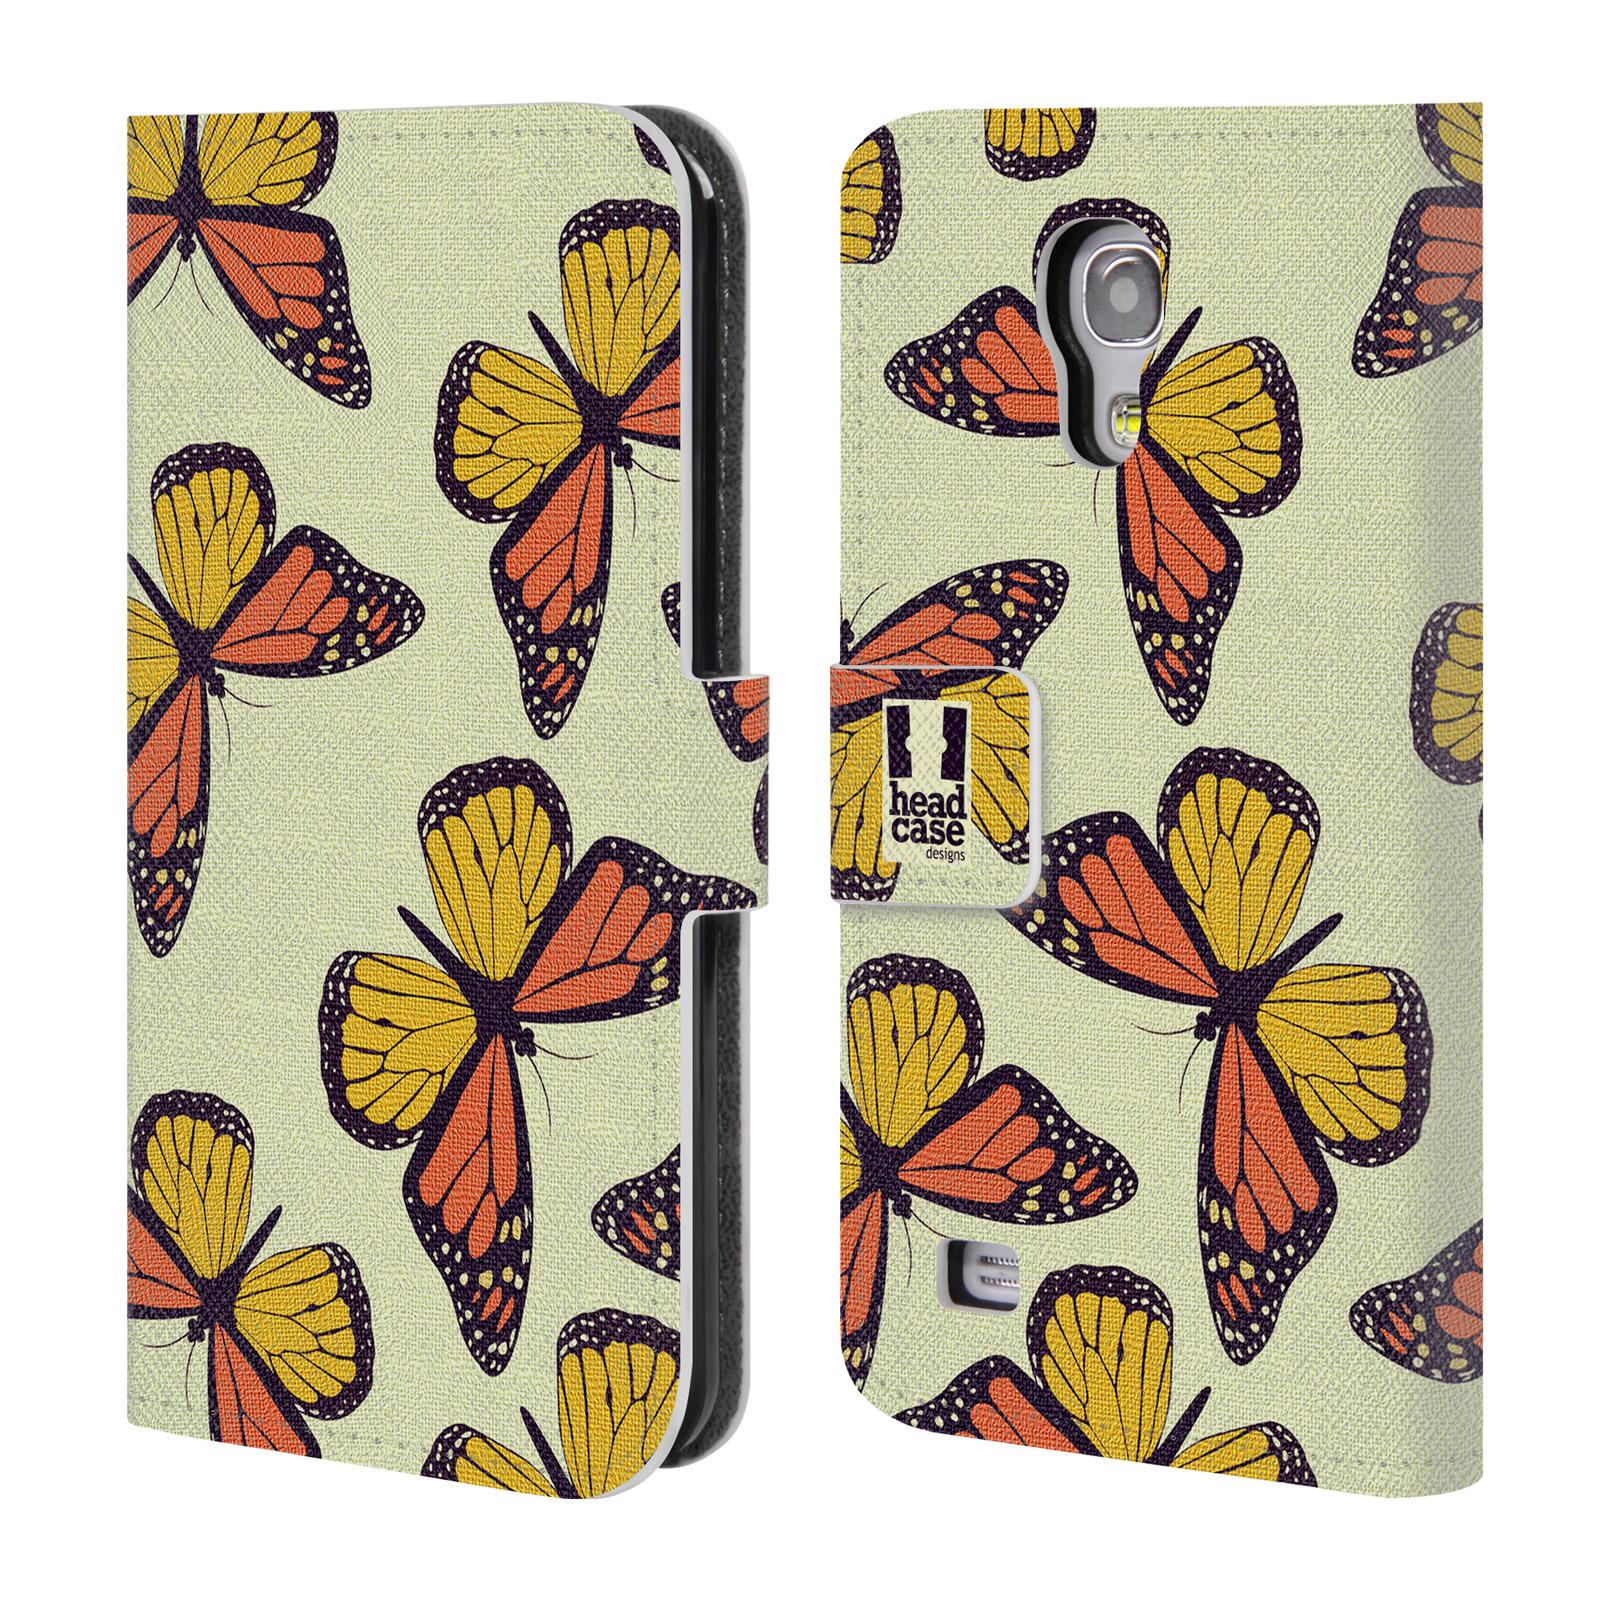 HEAD CASE Flipové pouzdro pro mobil Samsung Galaxy S4 MINI / S4 MINI DUOS Vzorkovaný motýl Monarcha oranžová